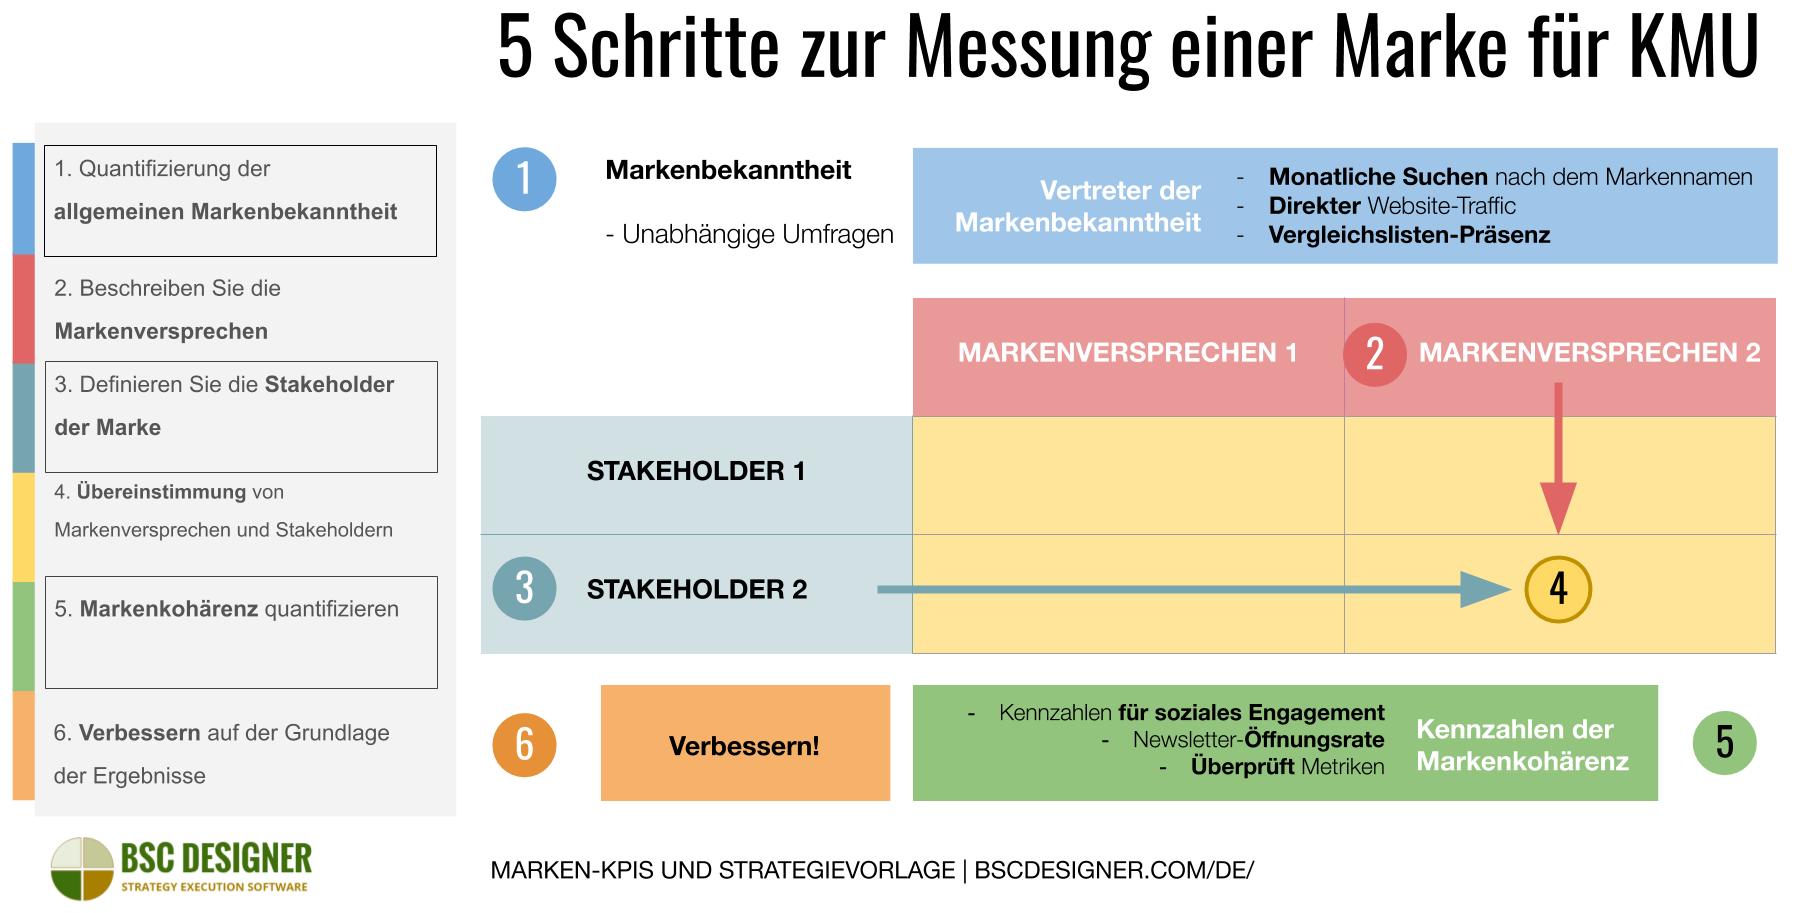 5 Schritte zur Messung der Marke für KMU